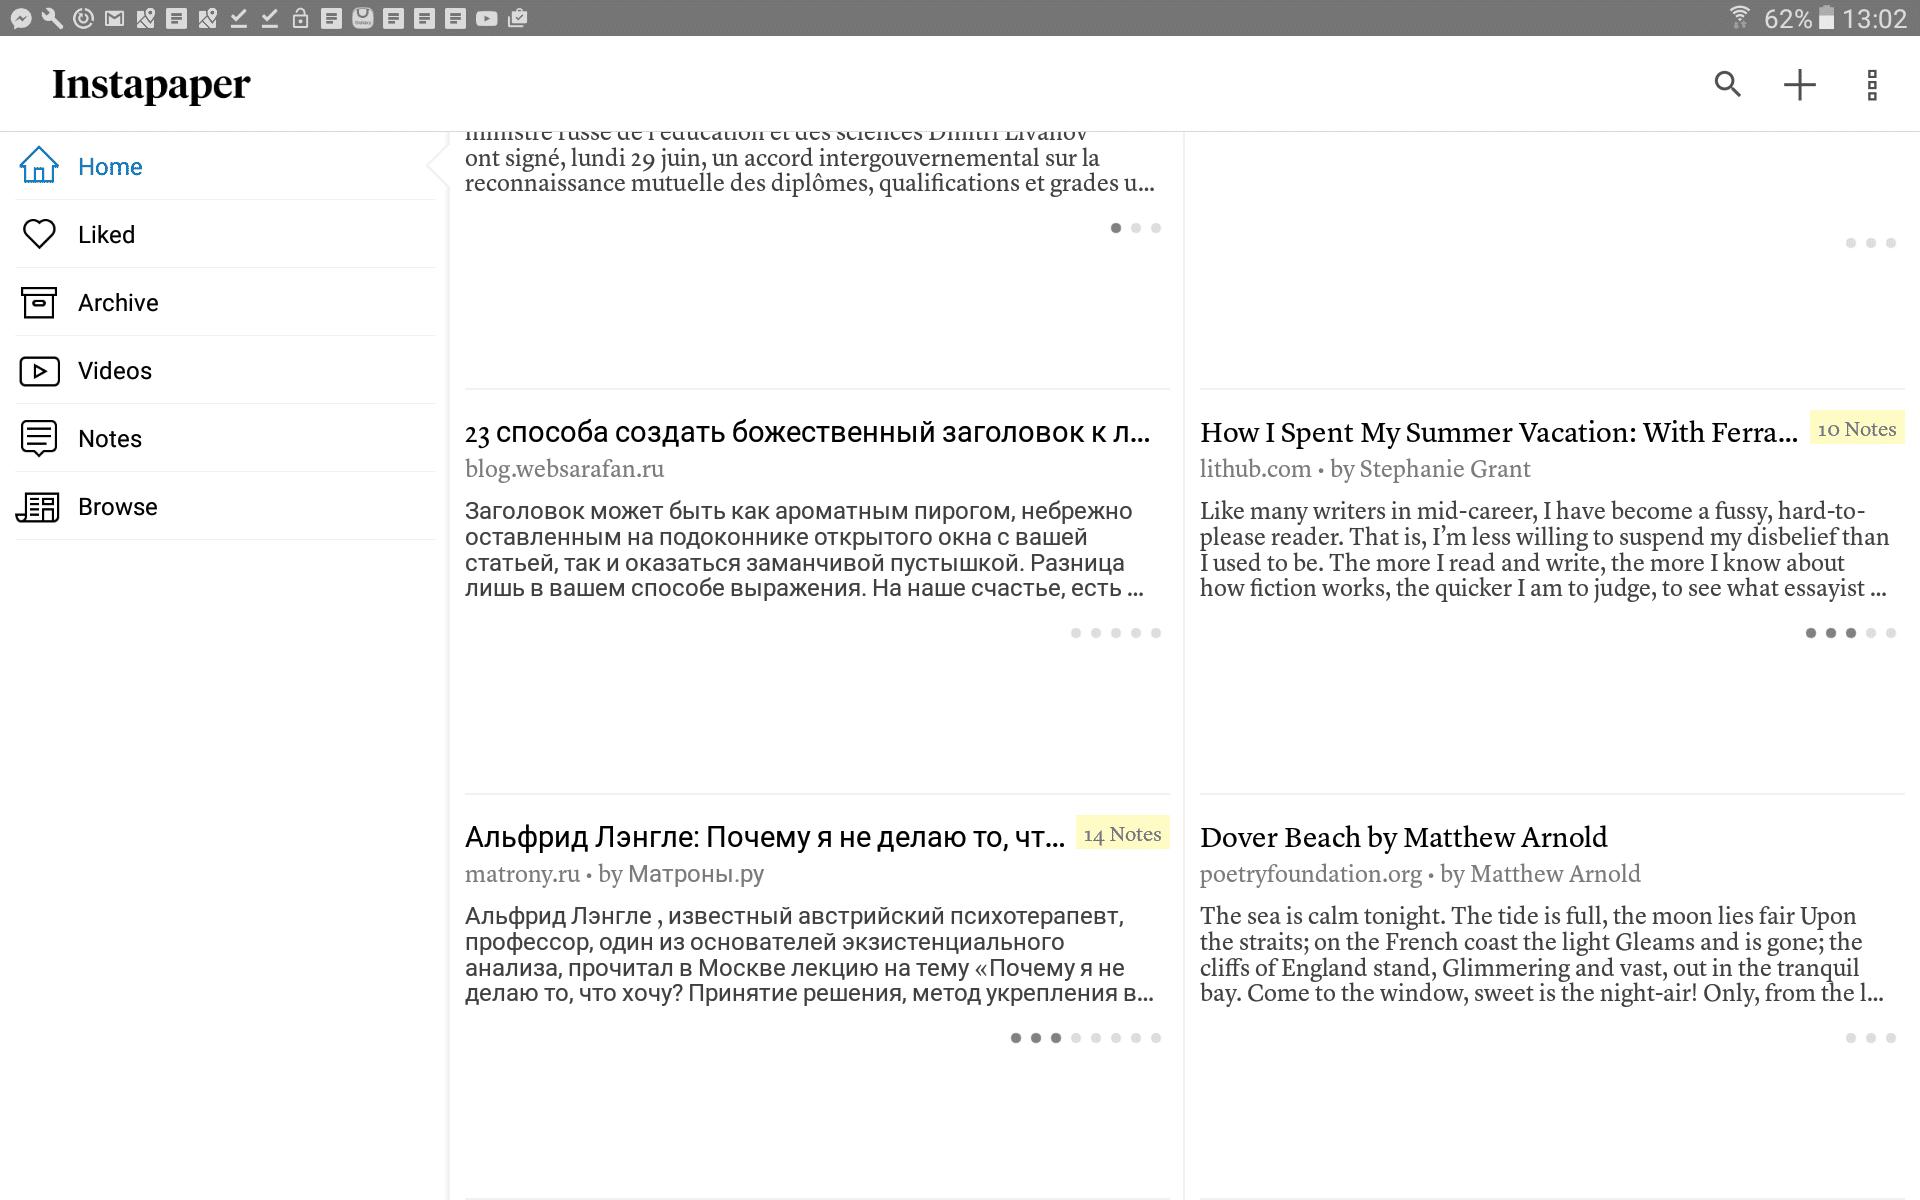 5 программ и приложений для писателей и сценаристов instapaper | Вдохновить на роман